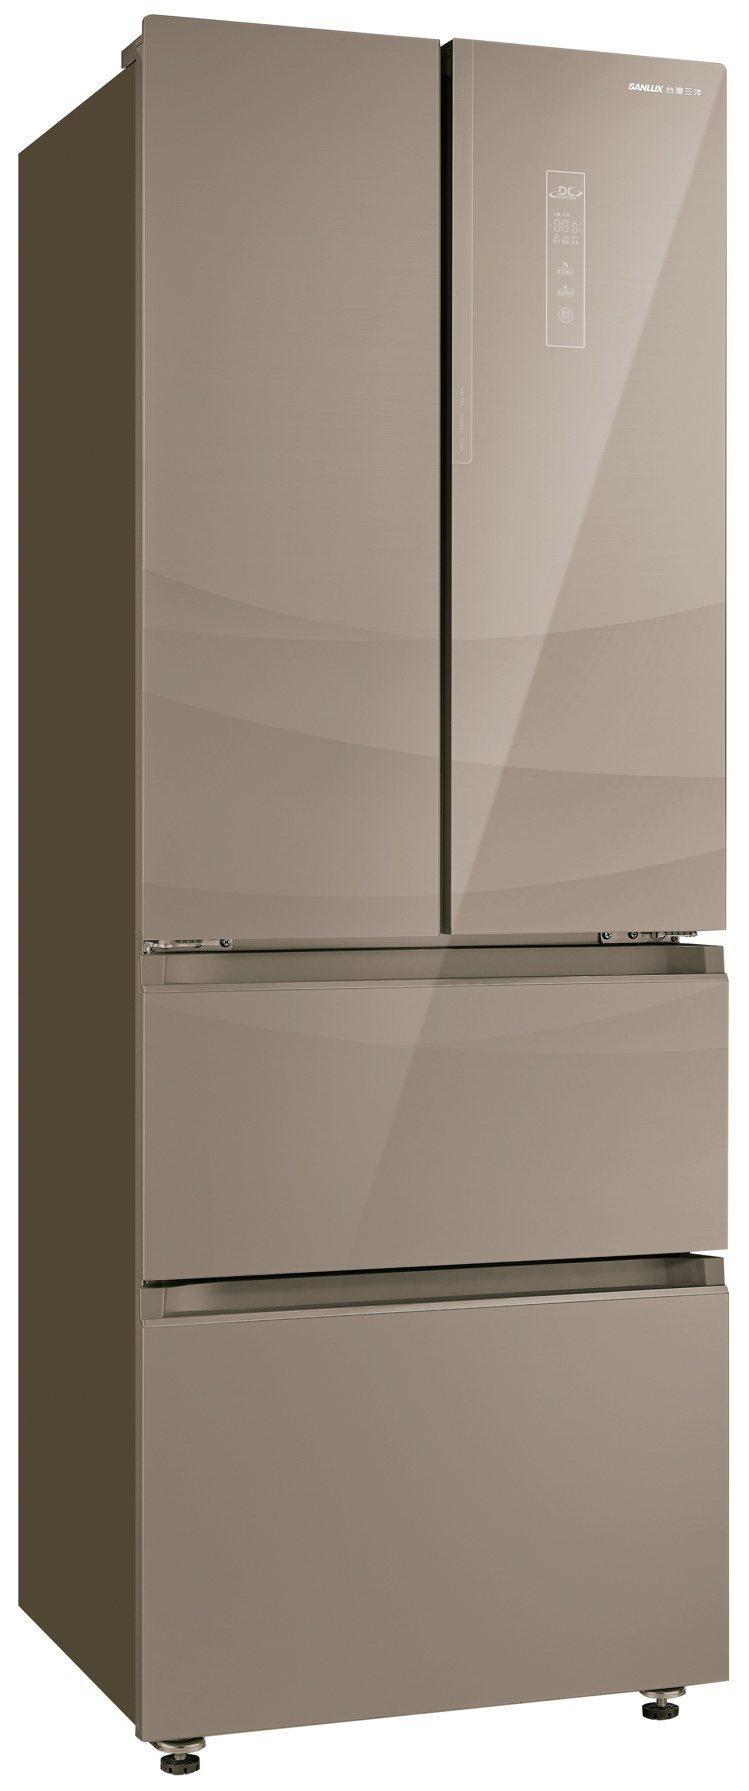 台灣三洋新推出312公升四門雙冷凍變頻電冰箱,以日式收納方式設計,上冷藏下冷凍、...